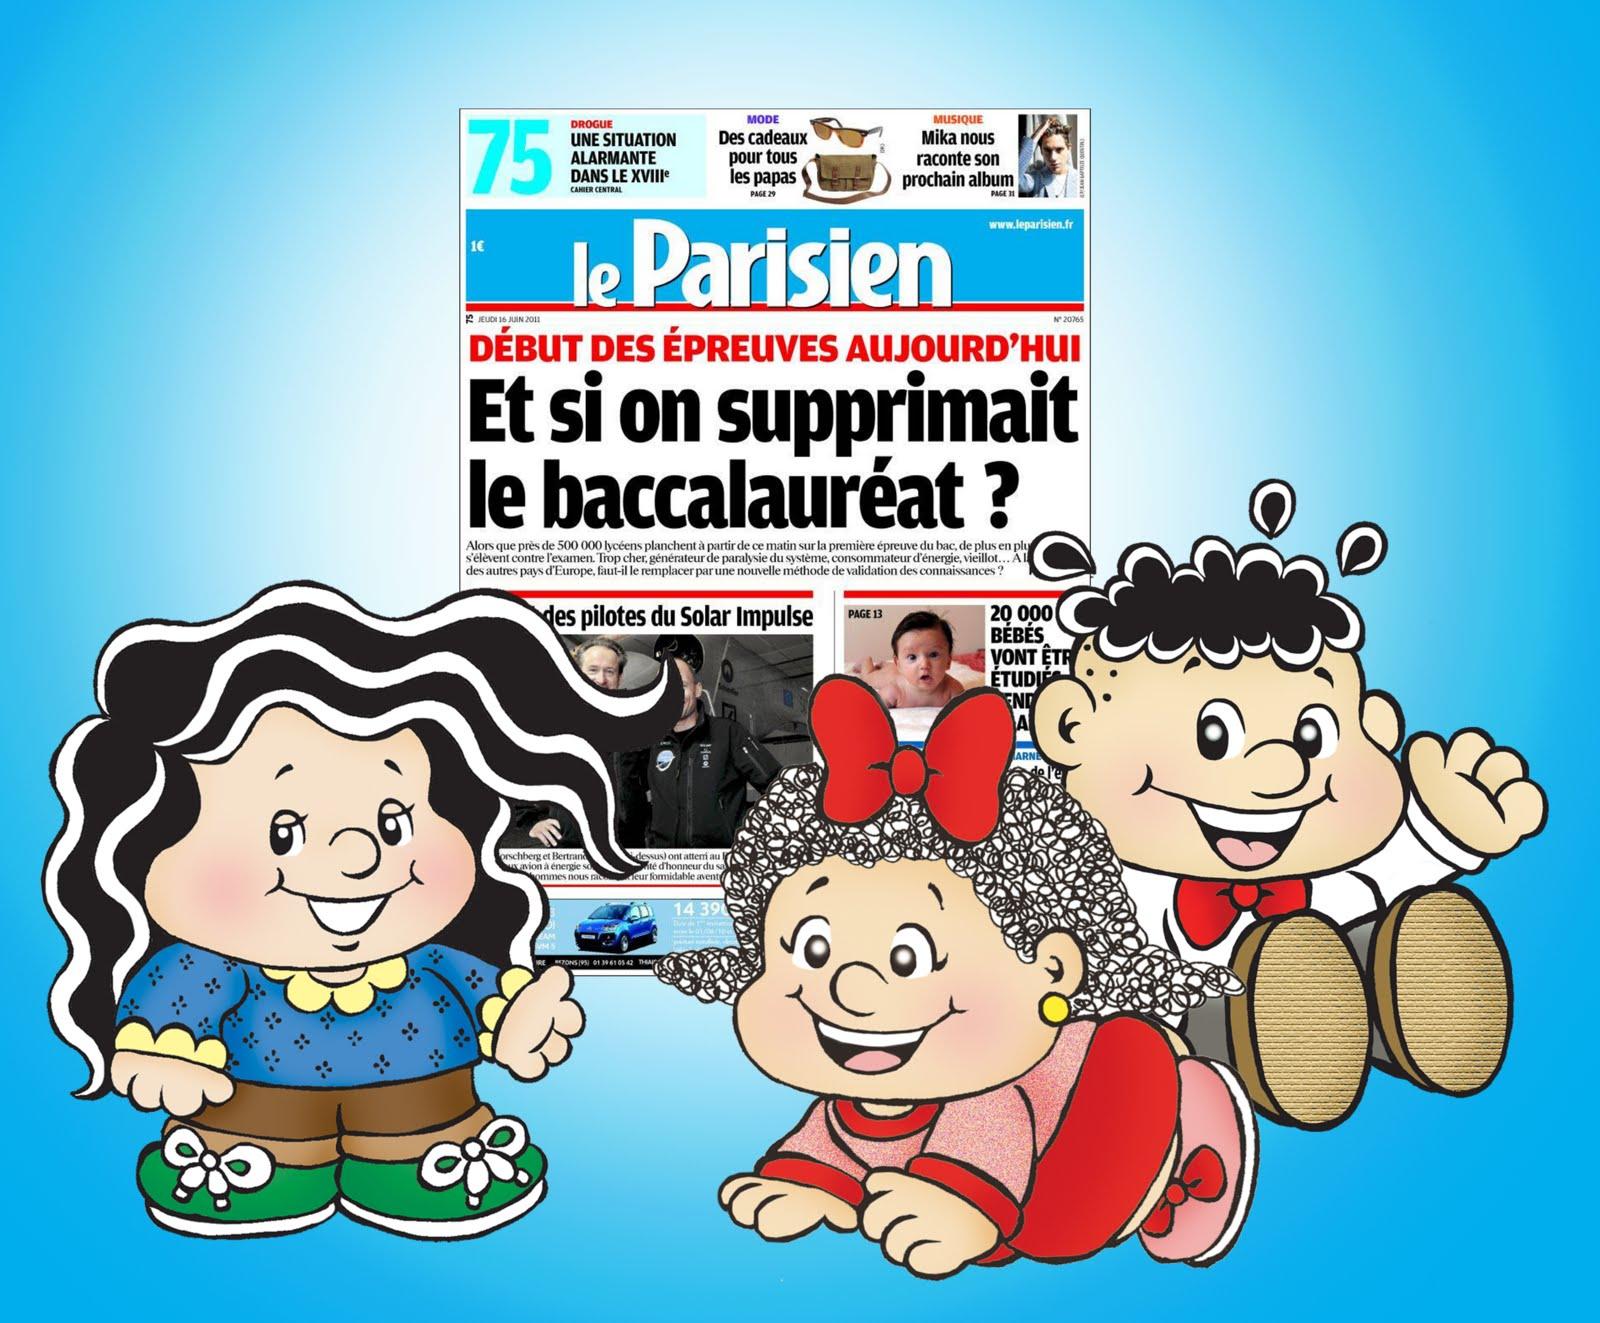 Le Parisien Wikipedia